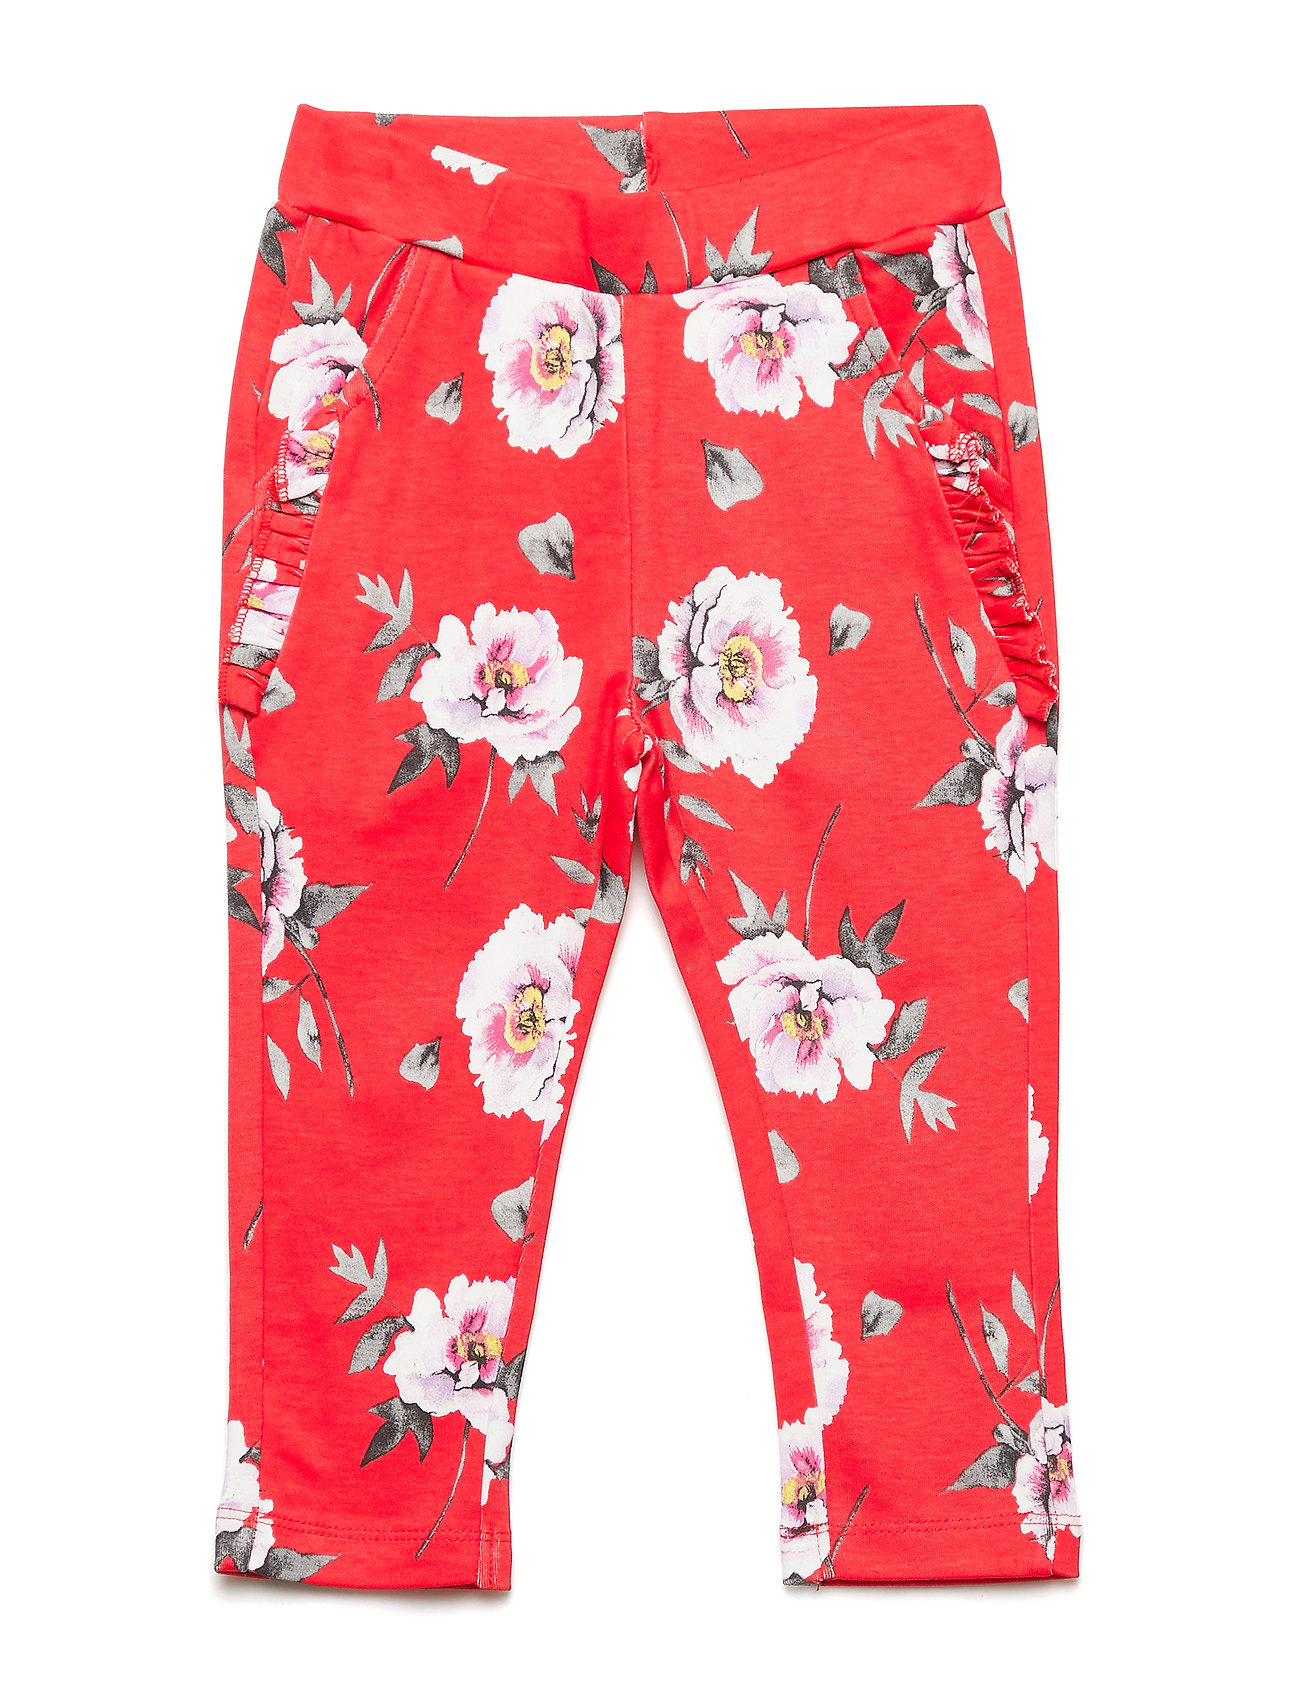 db87fdb3 Tiba - Trousers bukser fra Hust & Claire til børn i POPPY RED ...